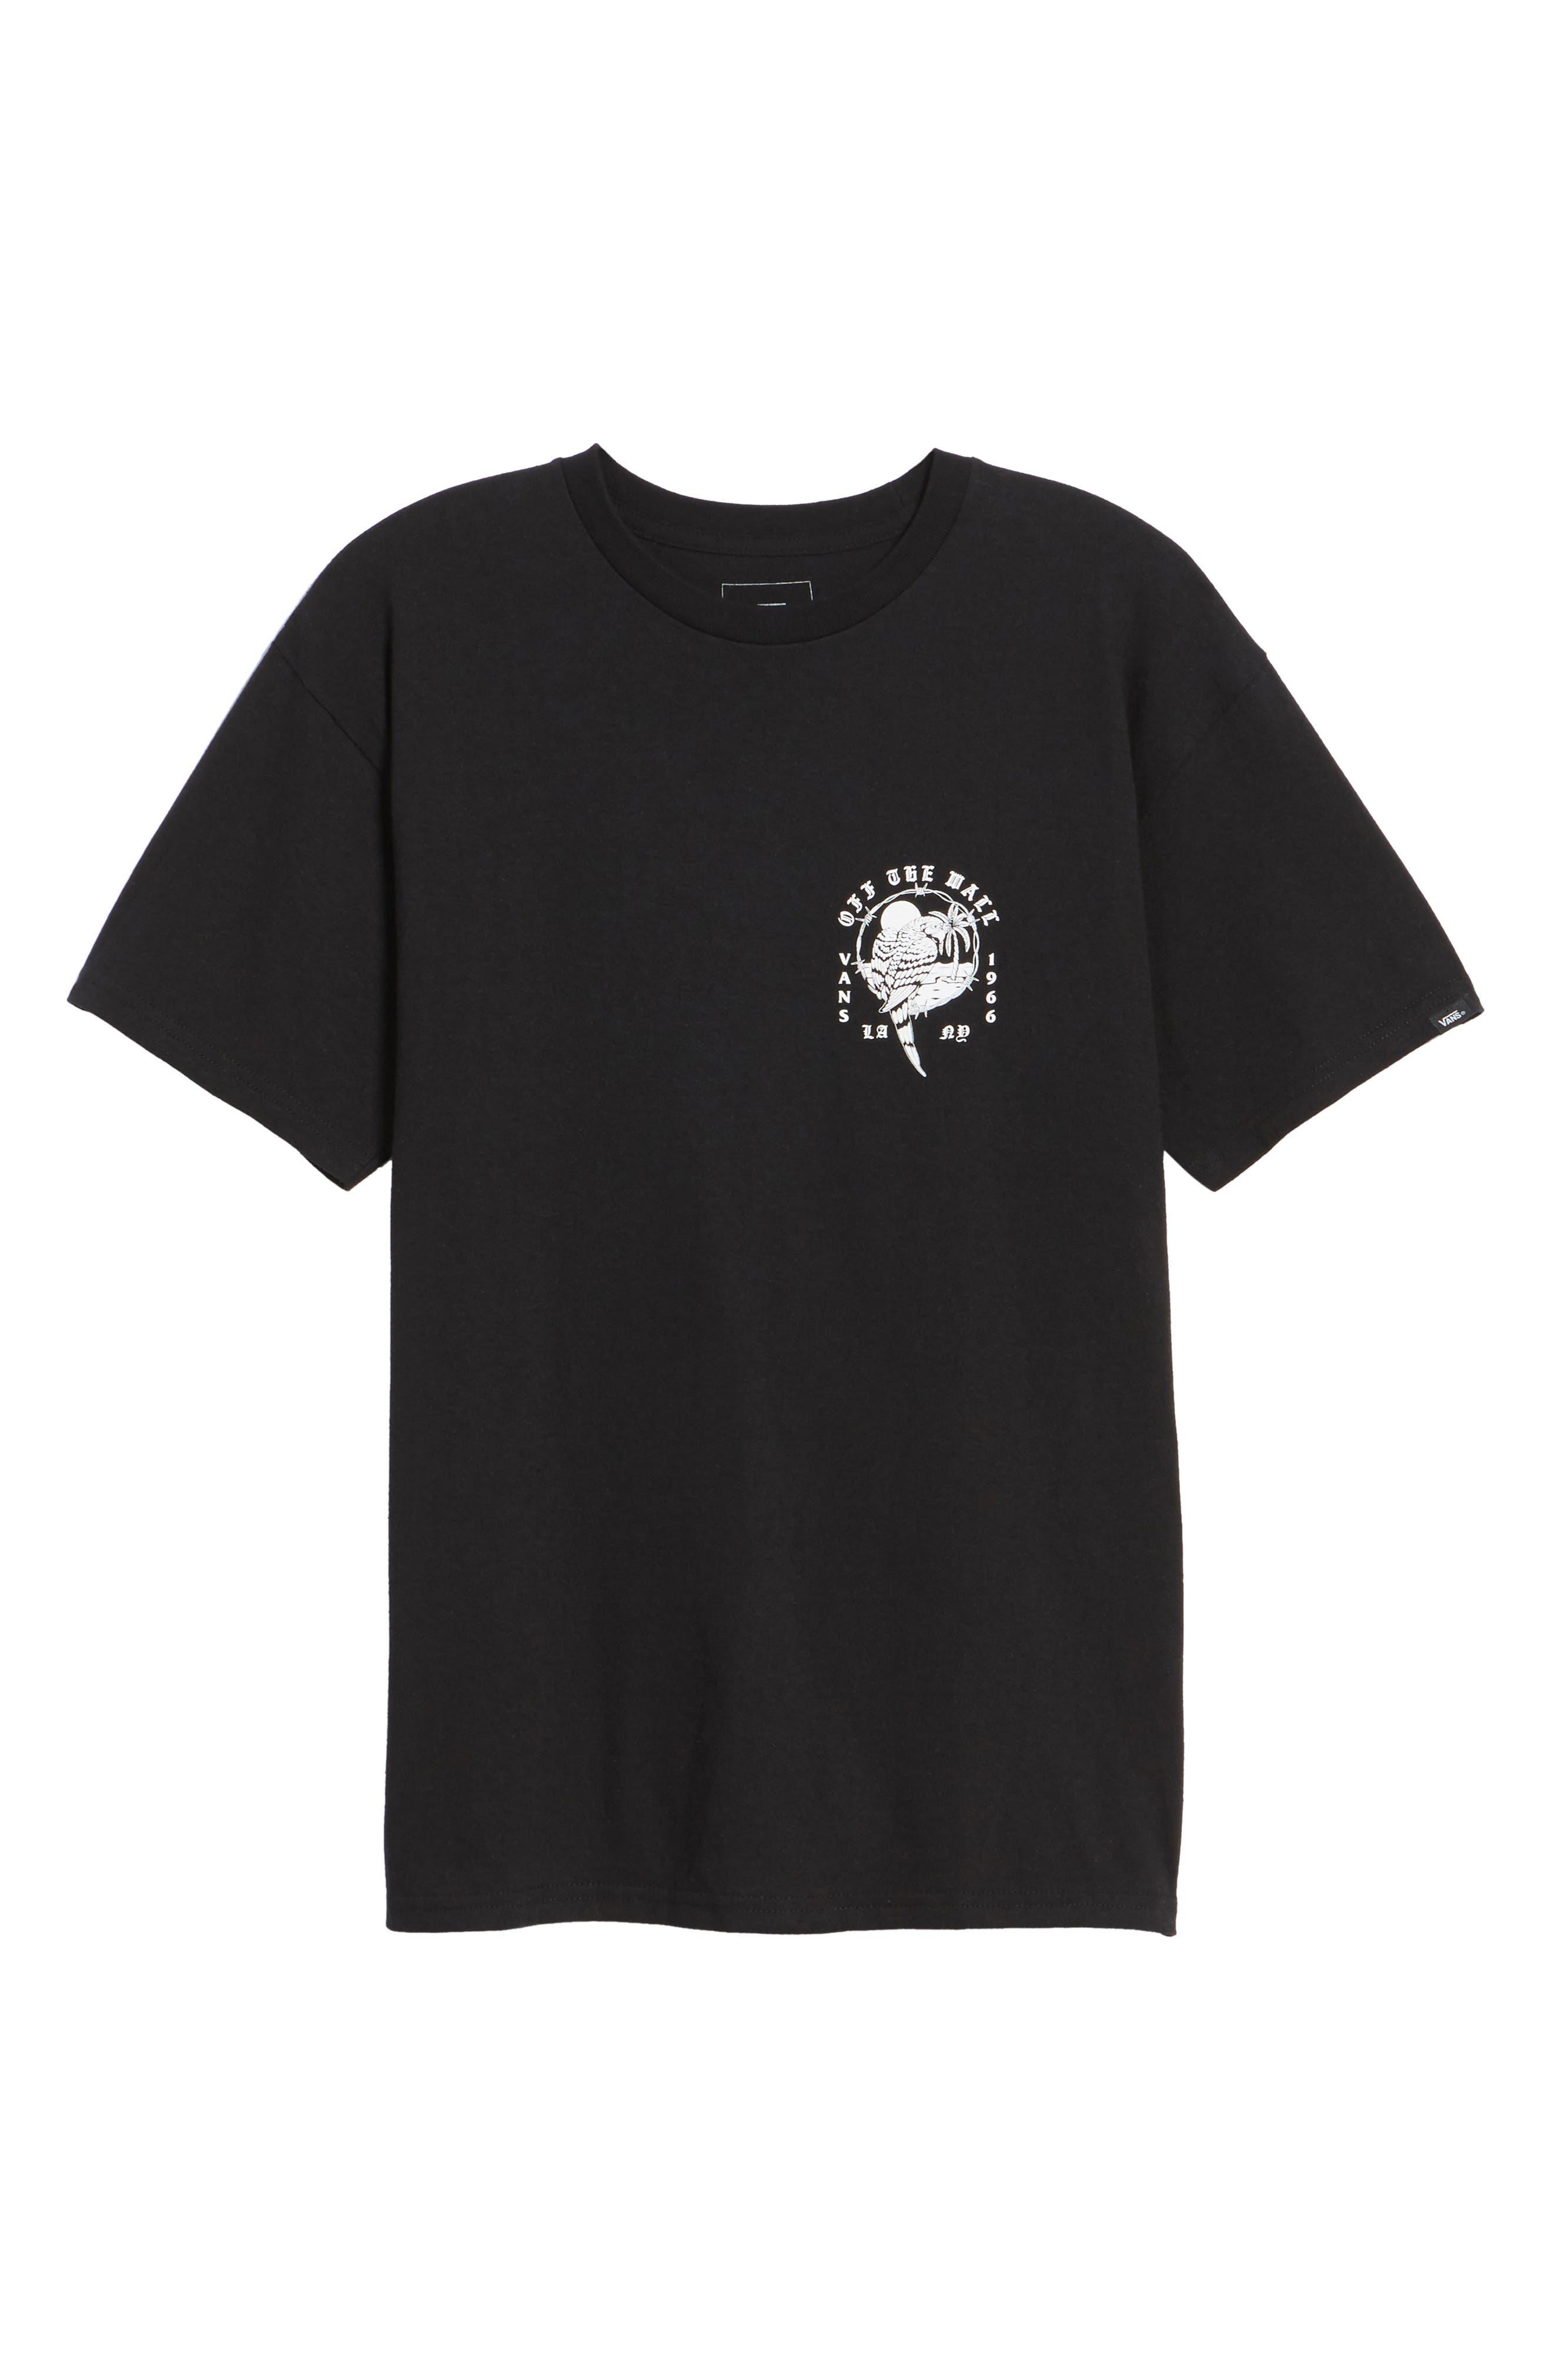 Parrot Beach Graphic T-Shirt,                             Alternate thumbnail 6, color,                             001